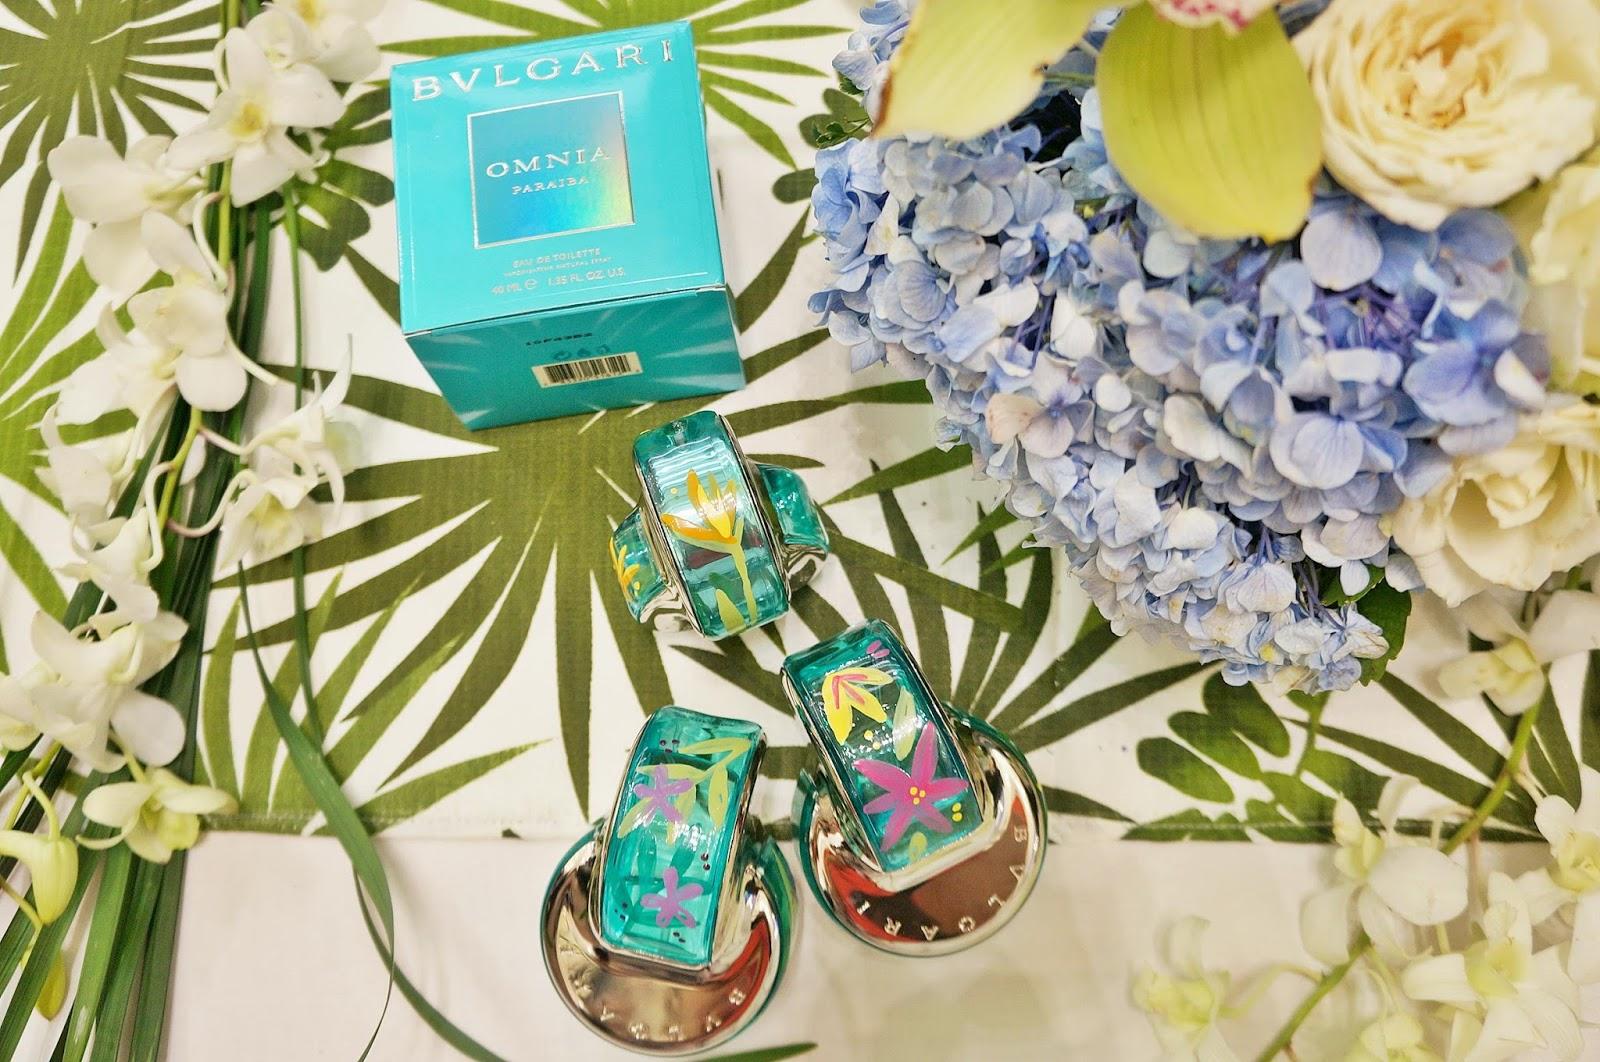 perfume review omnia paraíba